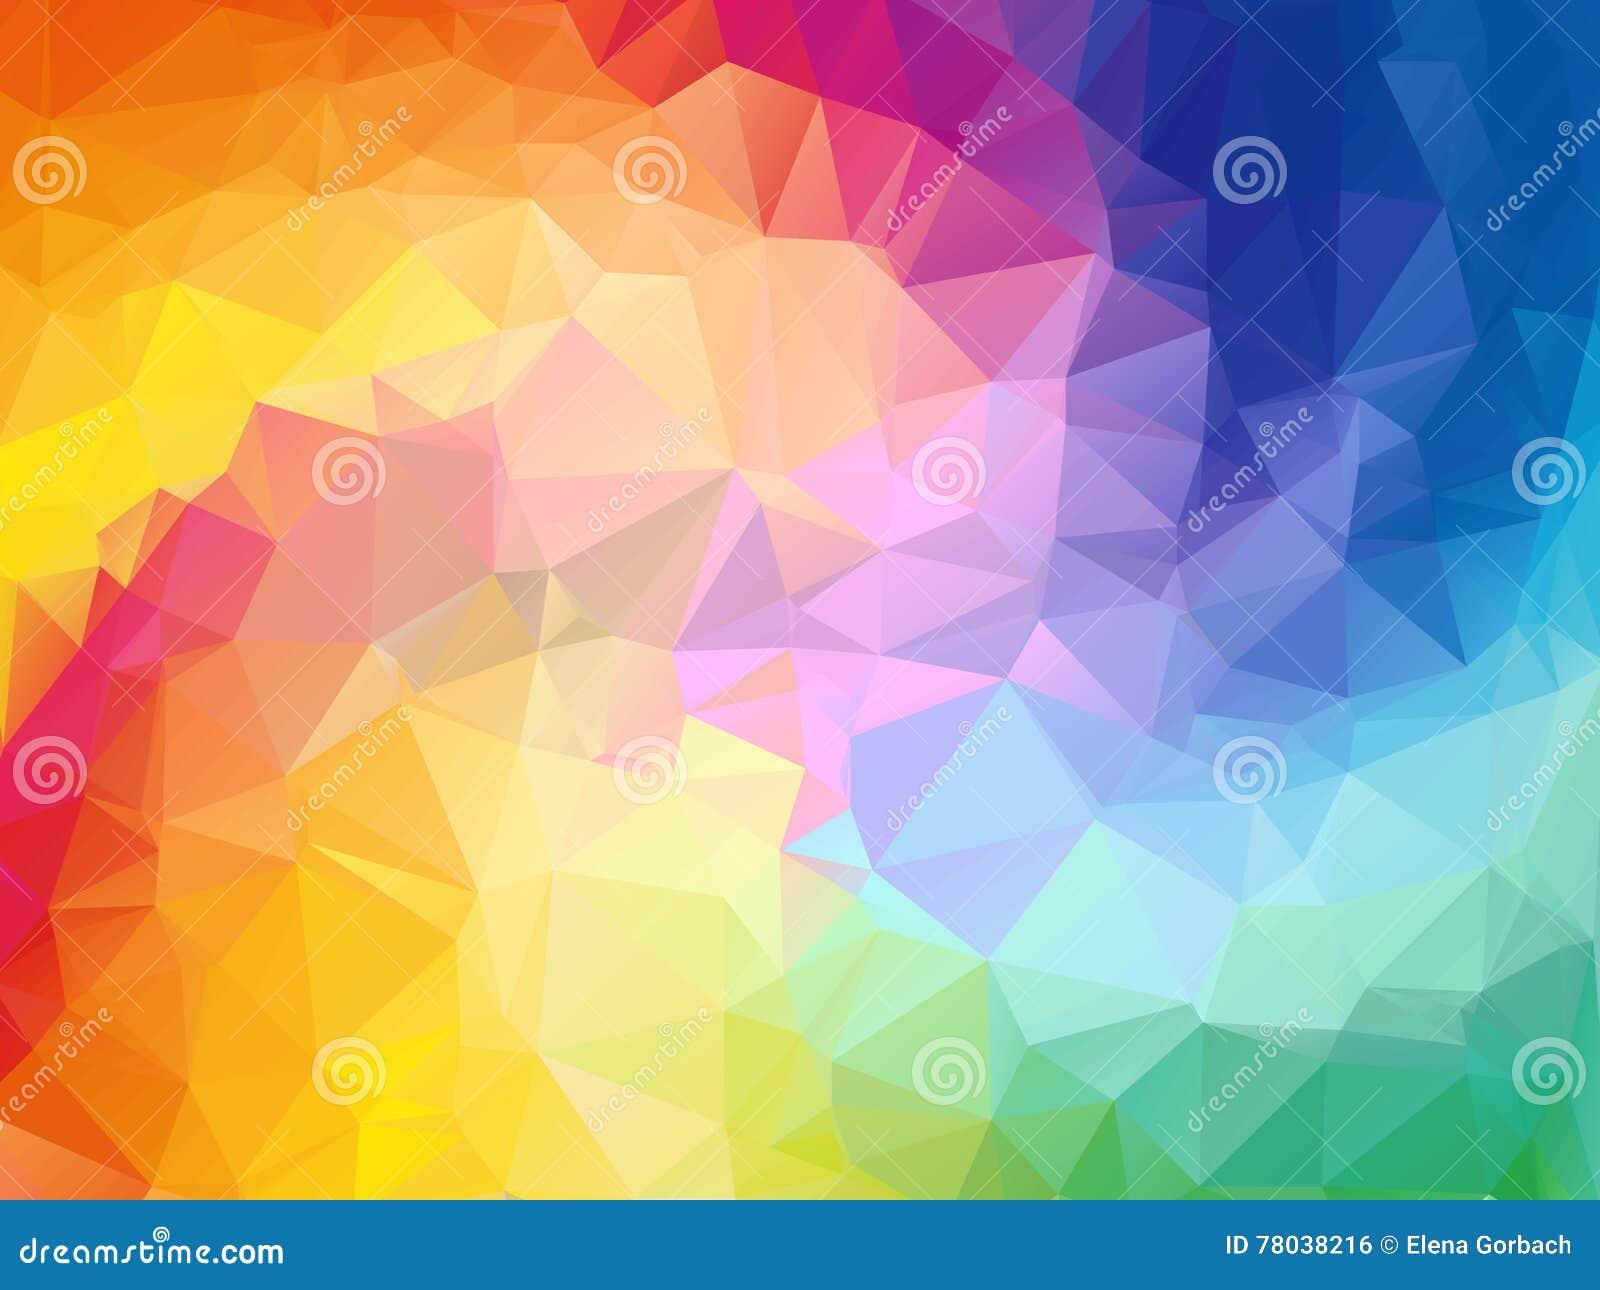 五颜六色的漩涡彩虹多角形背景 抽象五颜六色的向量 几何抽象彩虹颜色的三角